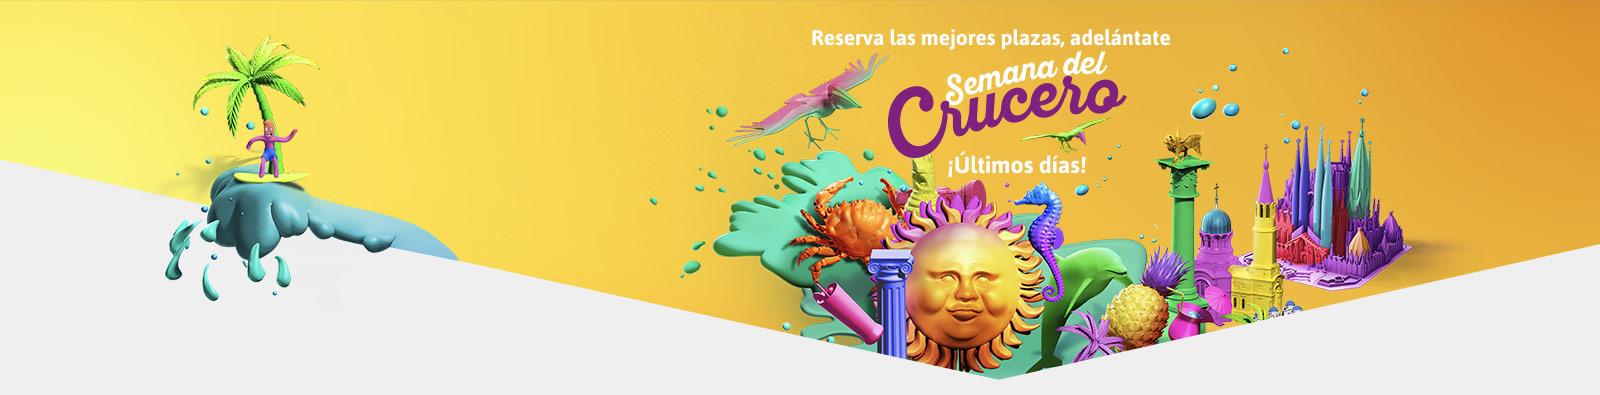 Semana del crucero 2018 viajes el corte ingl s - Semana del electrodomestico el corte ingles ...